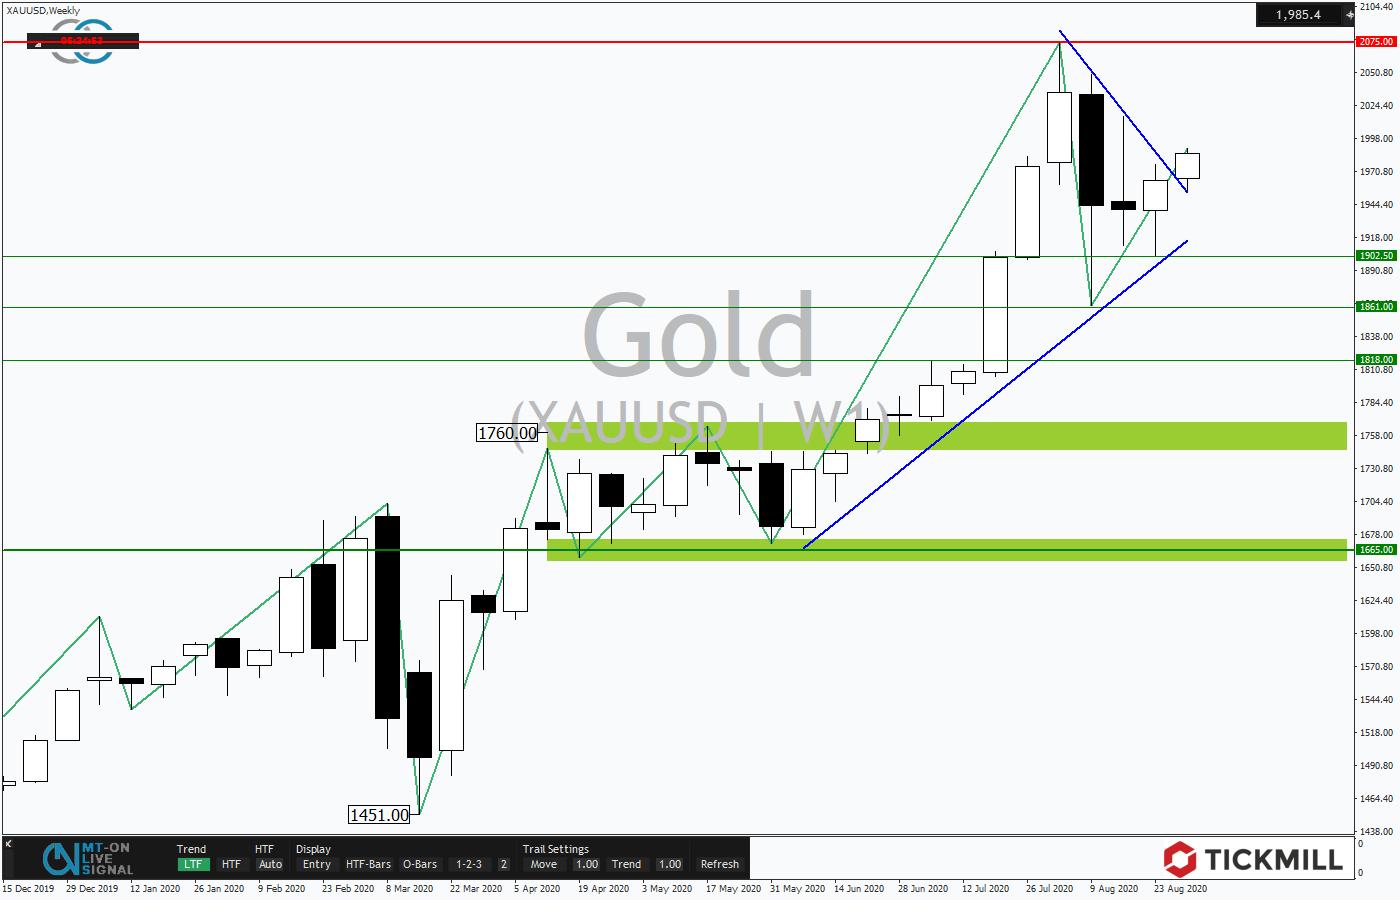 Tickmill-Analyse: Bullisches Dreieck im Gold - Wochenchart